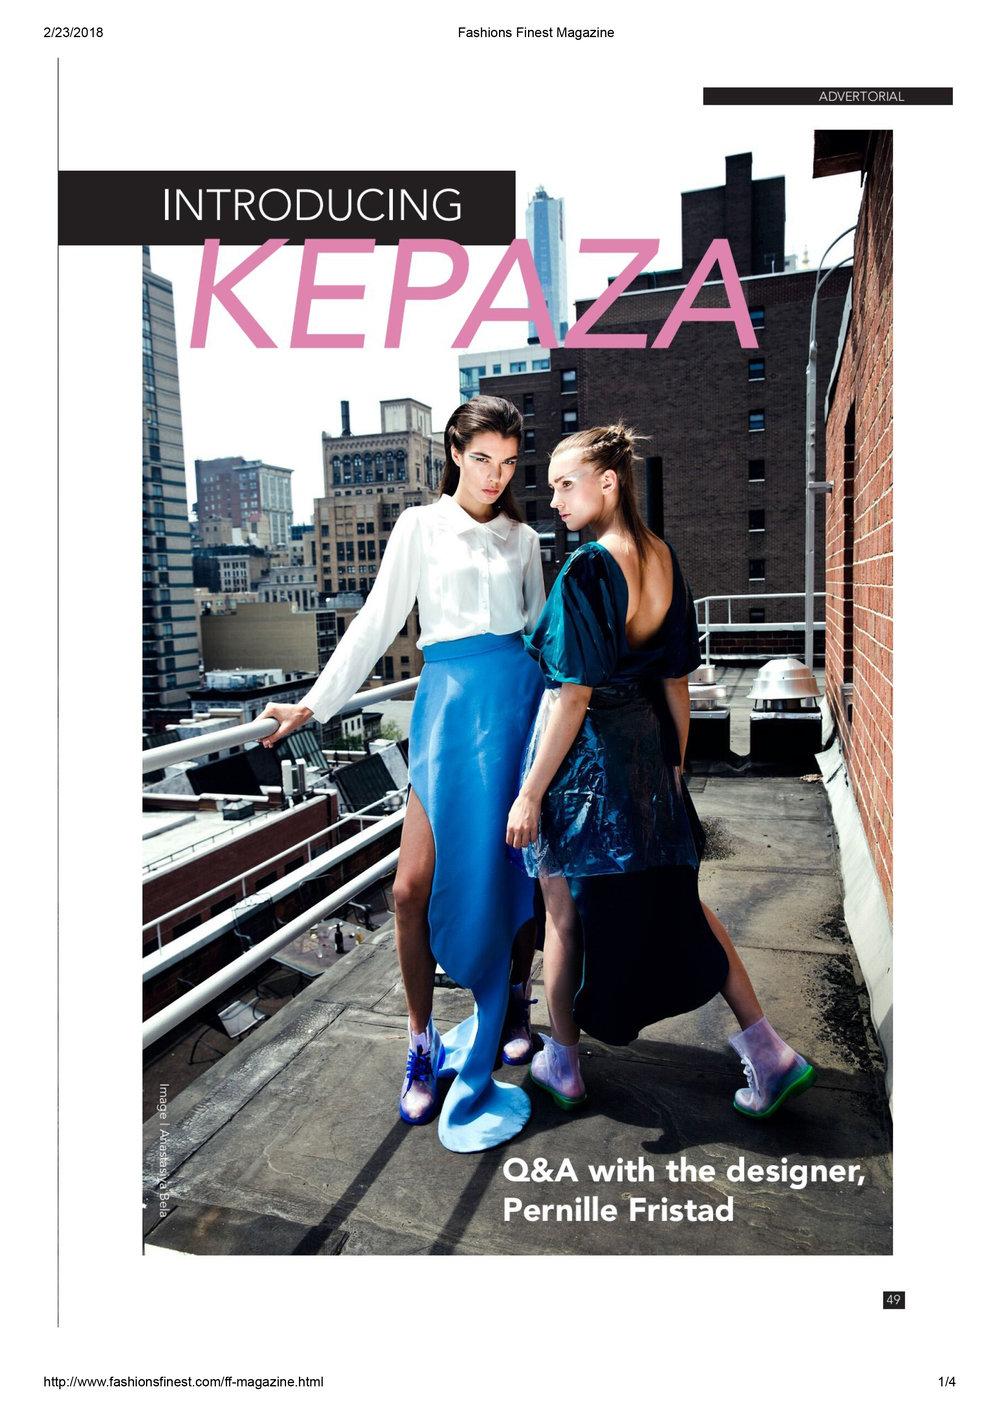 Fashions Finest Magazine - Kepaza-1.jpg